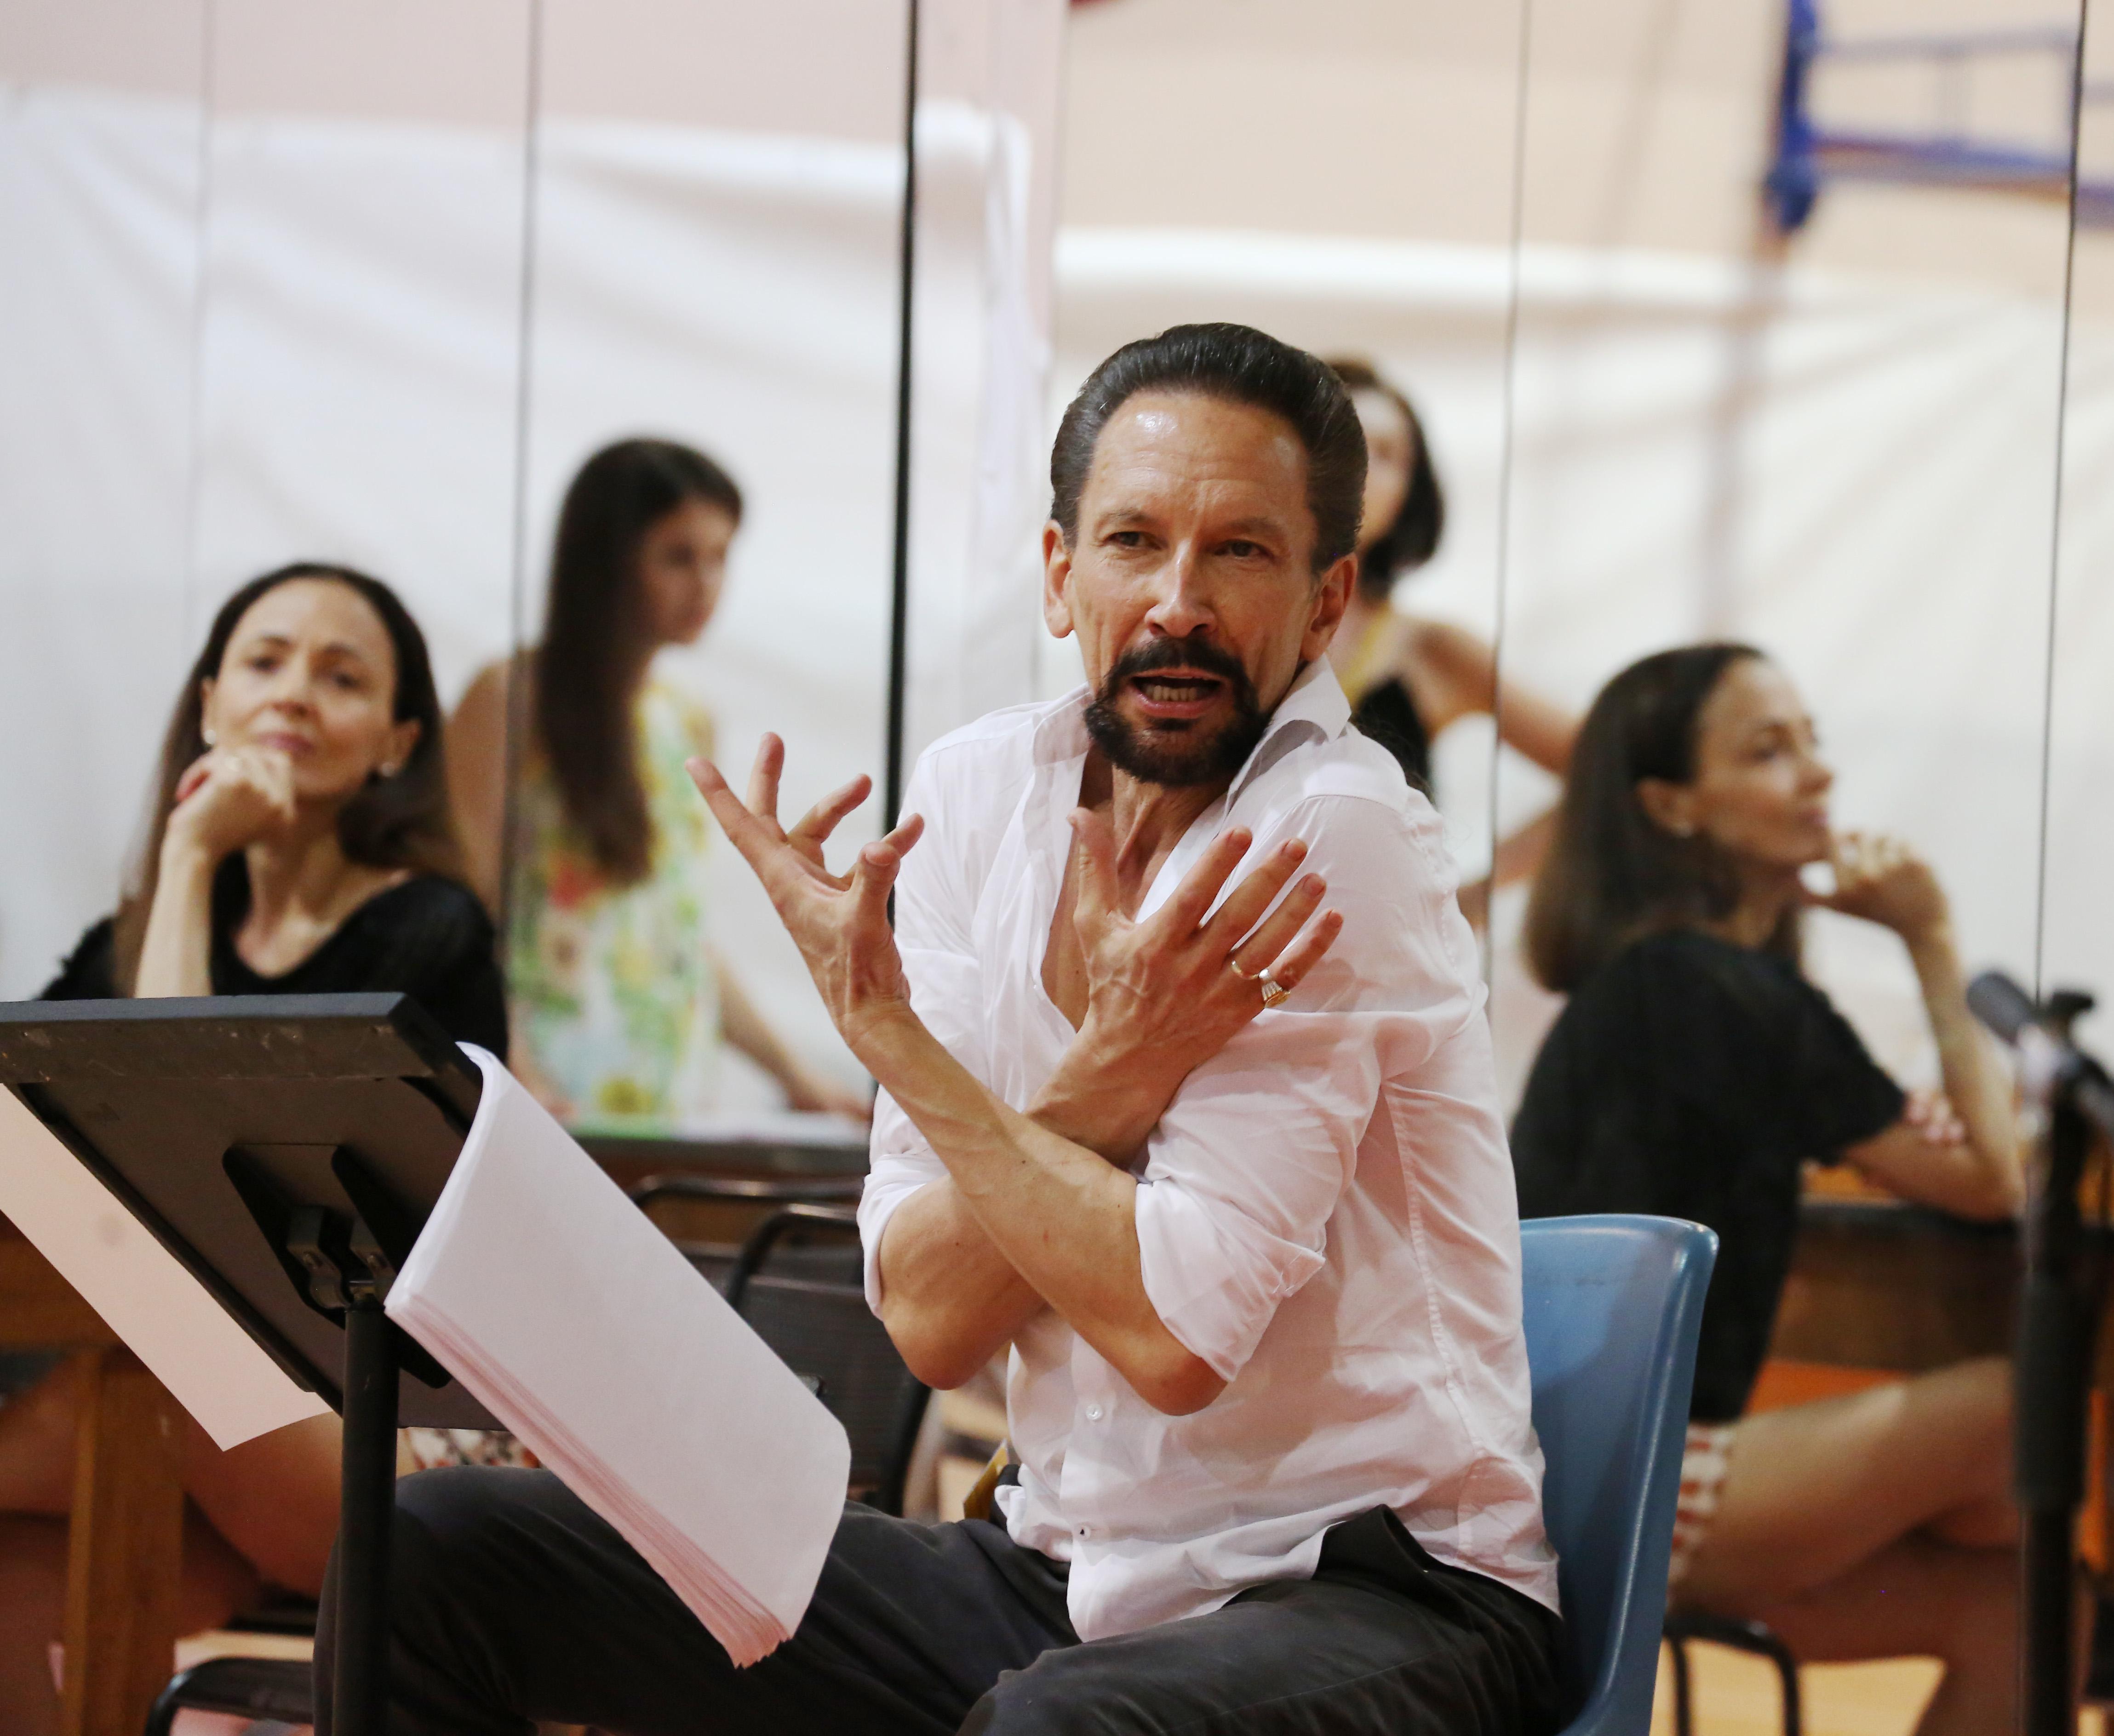 Al via sabato 11 agosto il Rossini Opera Festival 2018